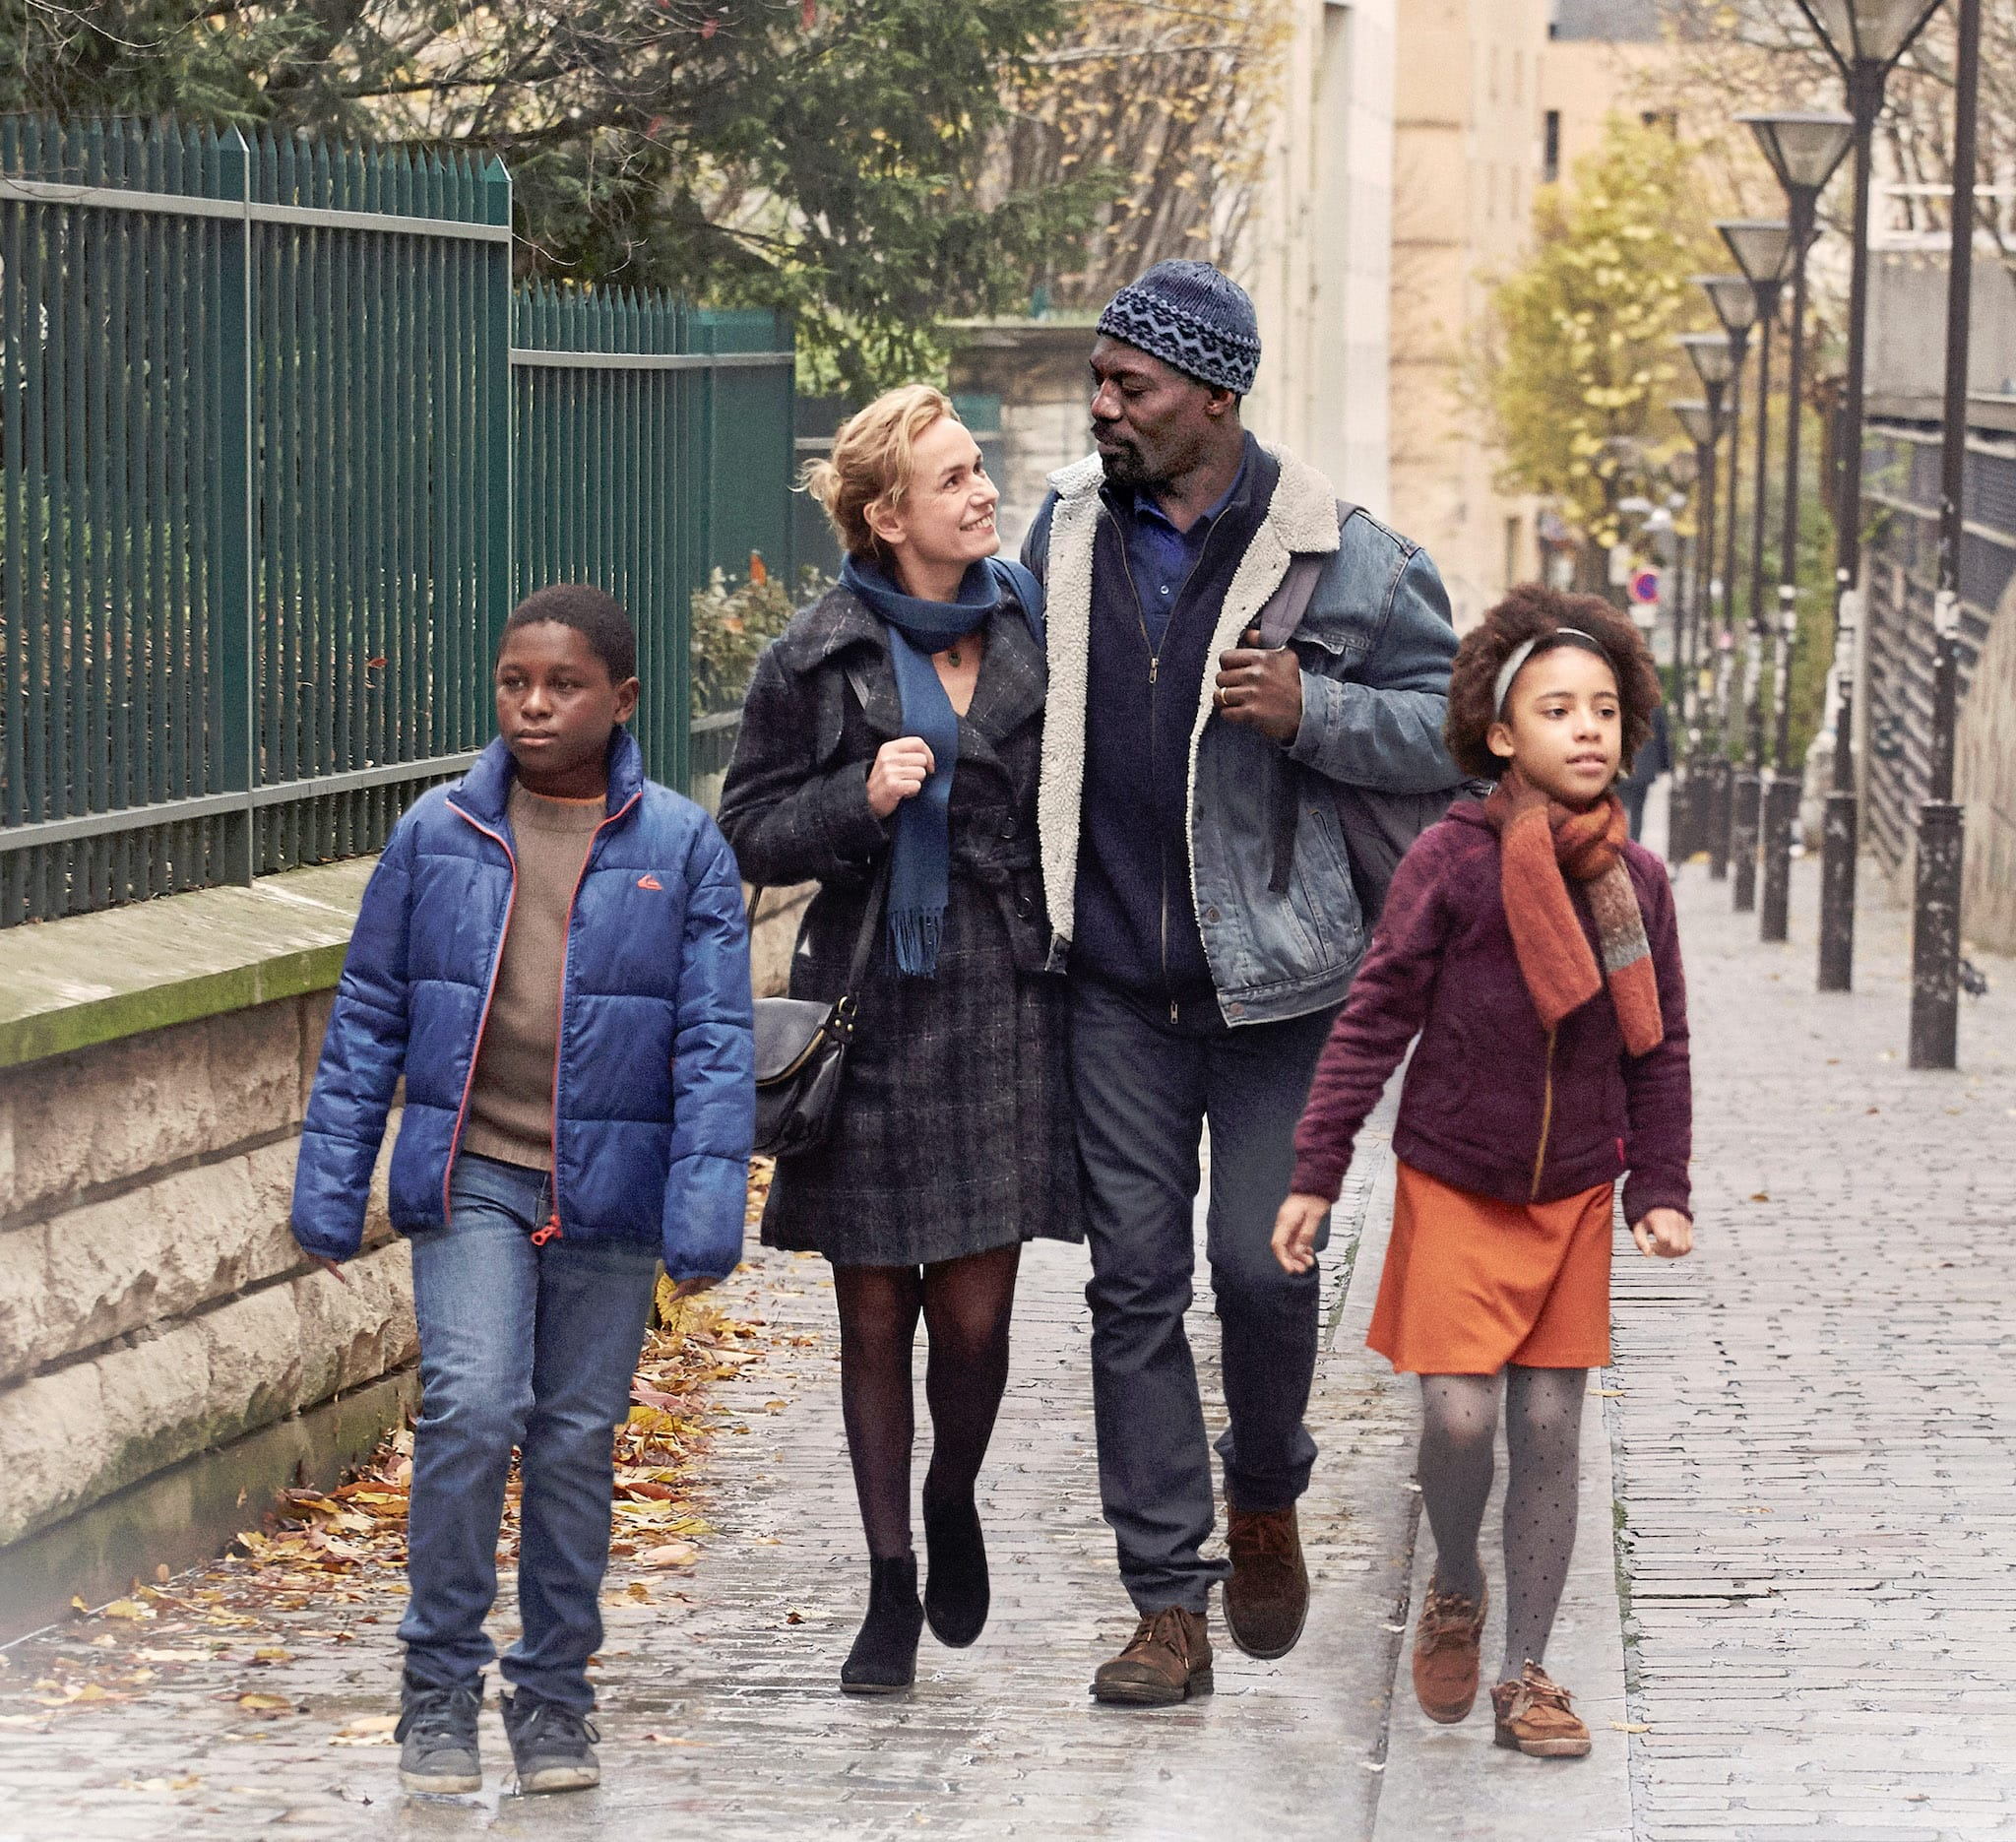 Une Saison en France de Mahamat-Saleh Haroun photo film cinéma